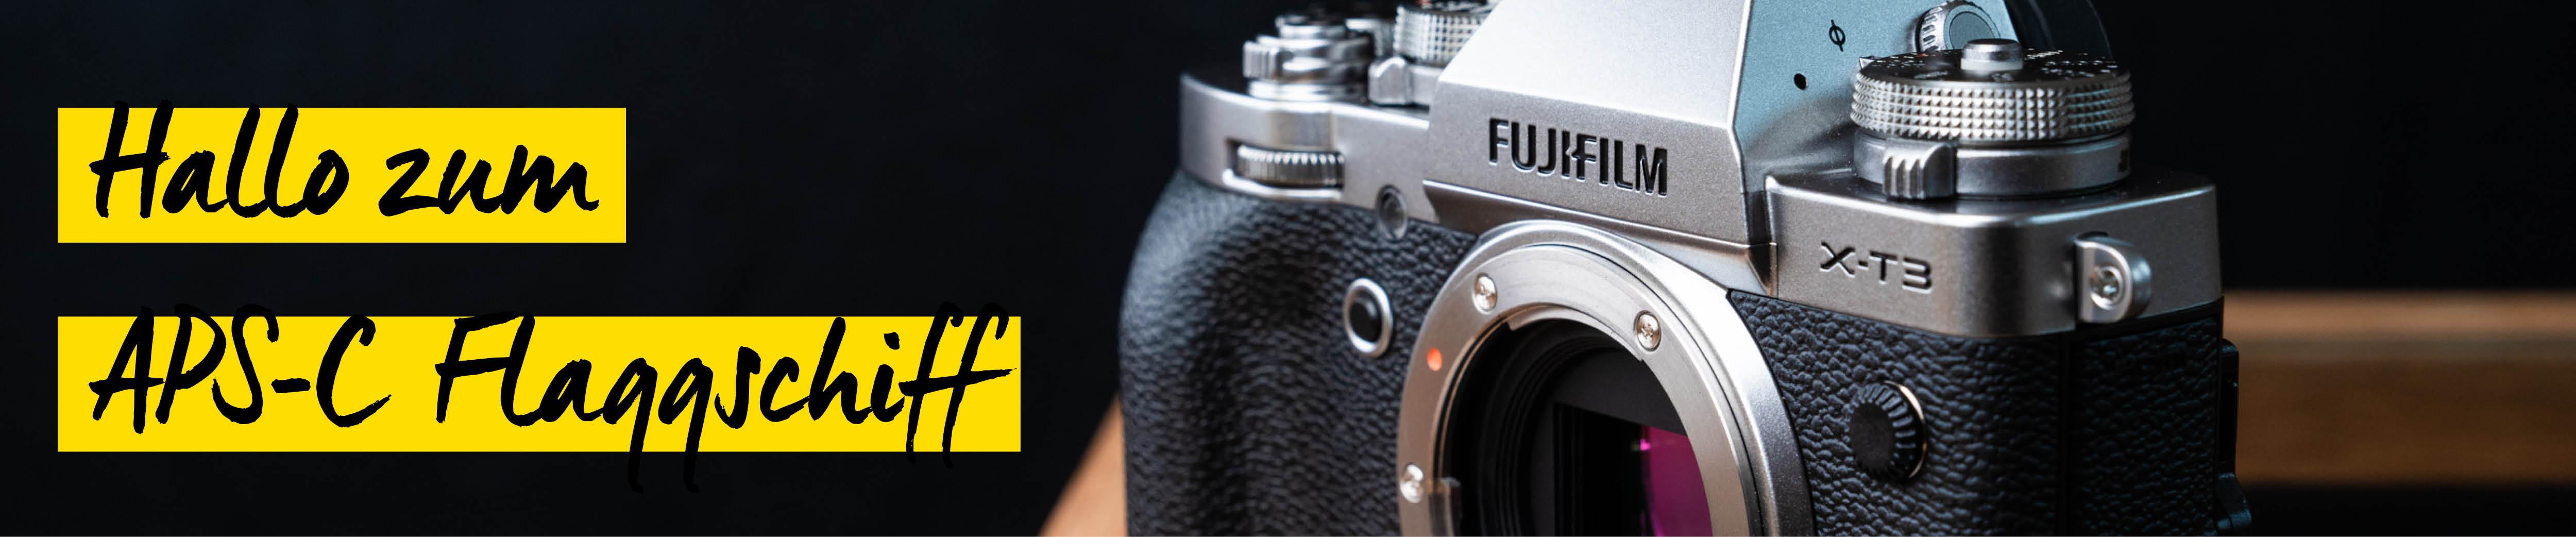 Fujifilm X-T3 Hands On Test